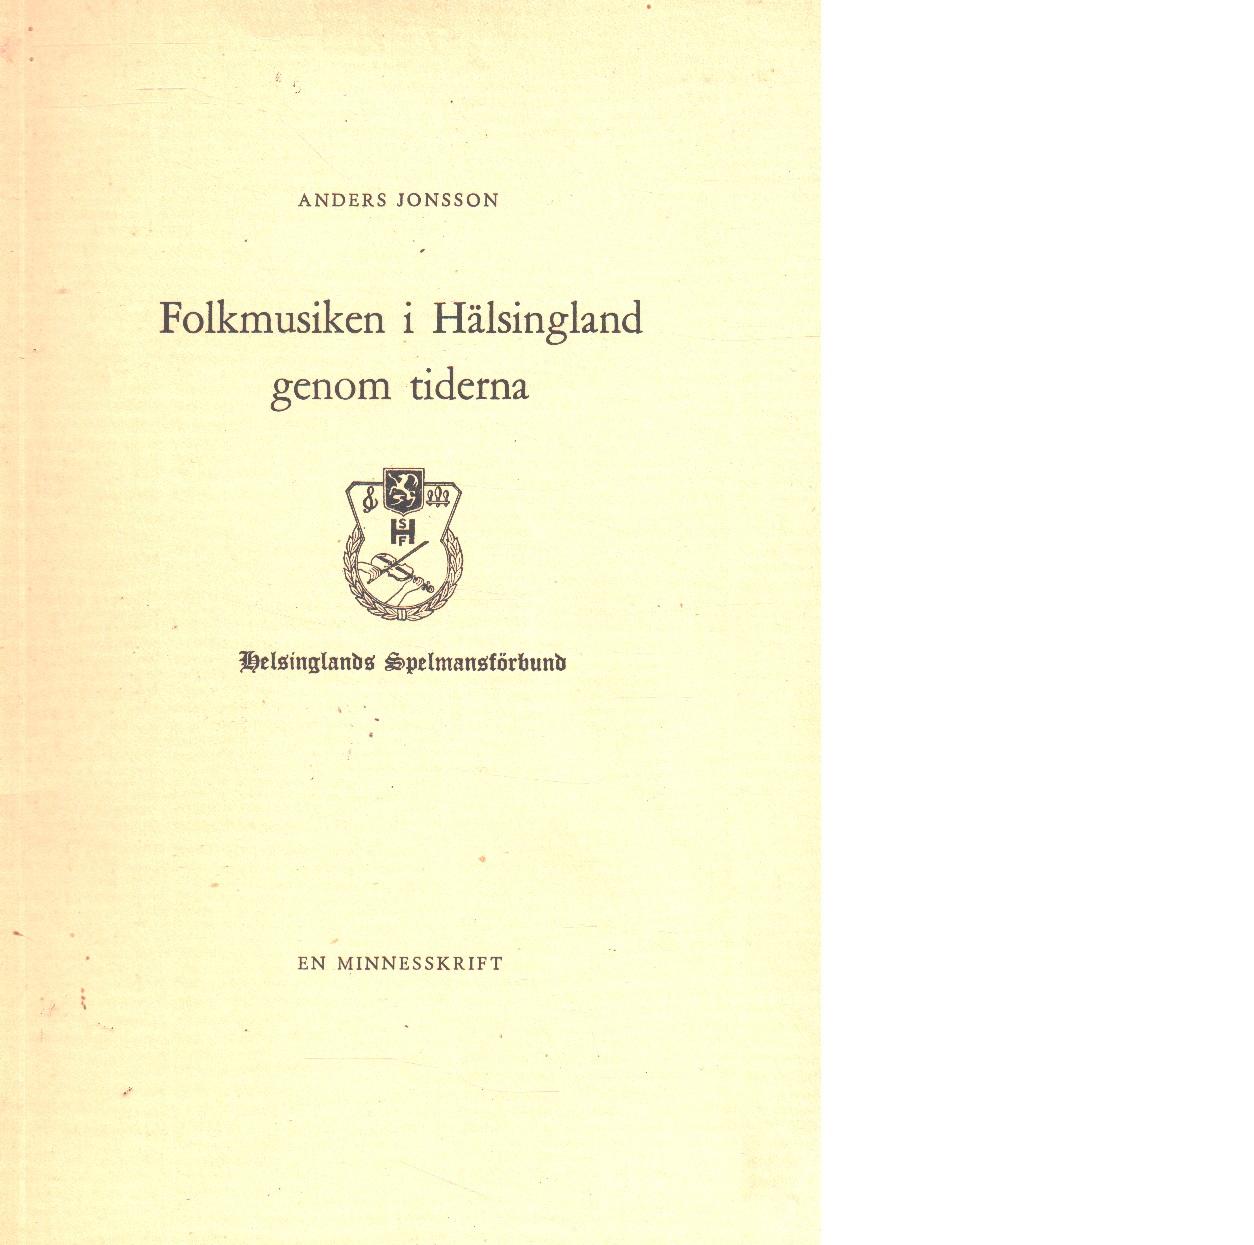 Folkmusiken i Hälsingland genom tiderna - Jonsson, Anders